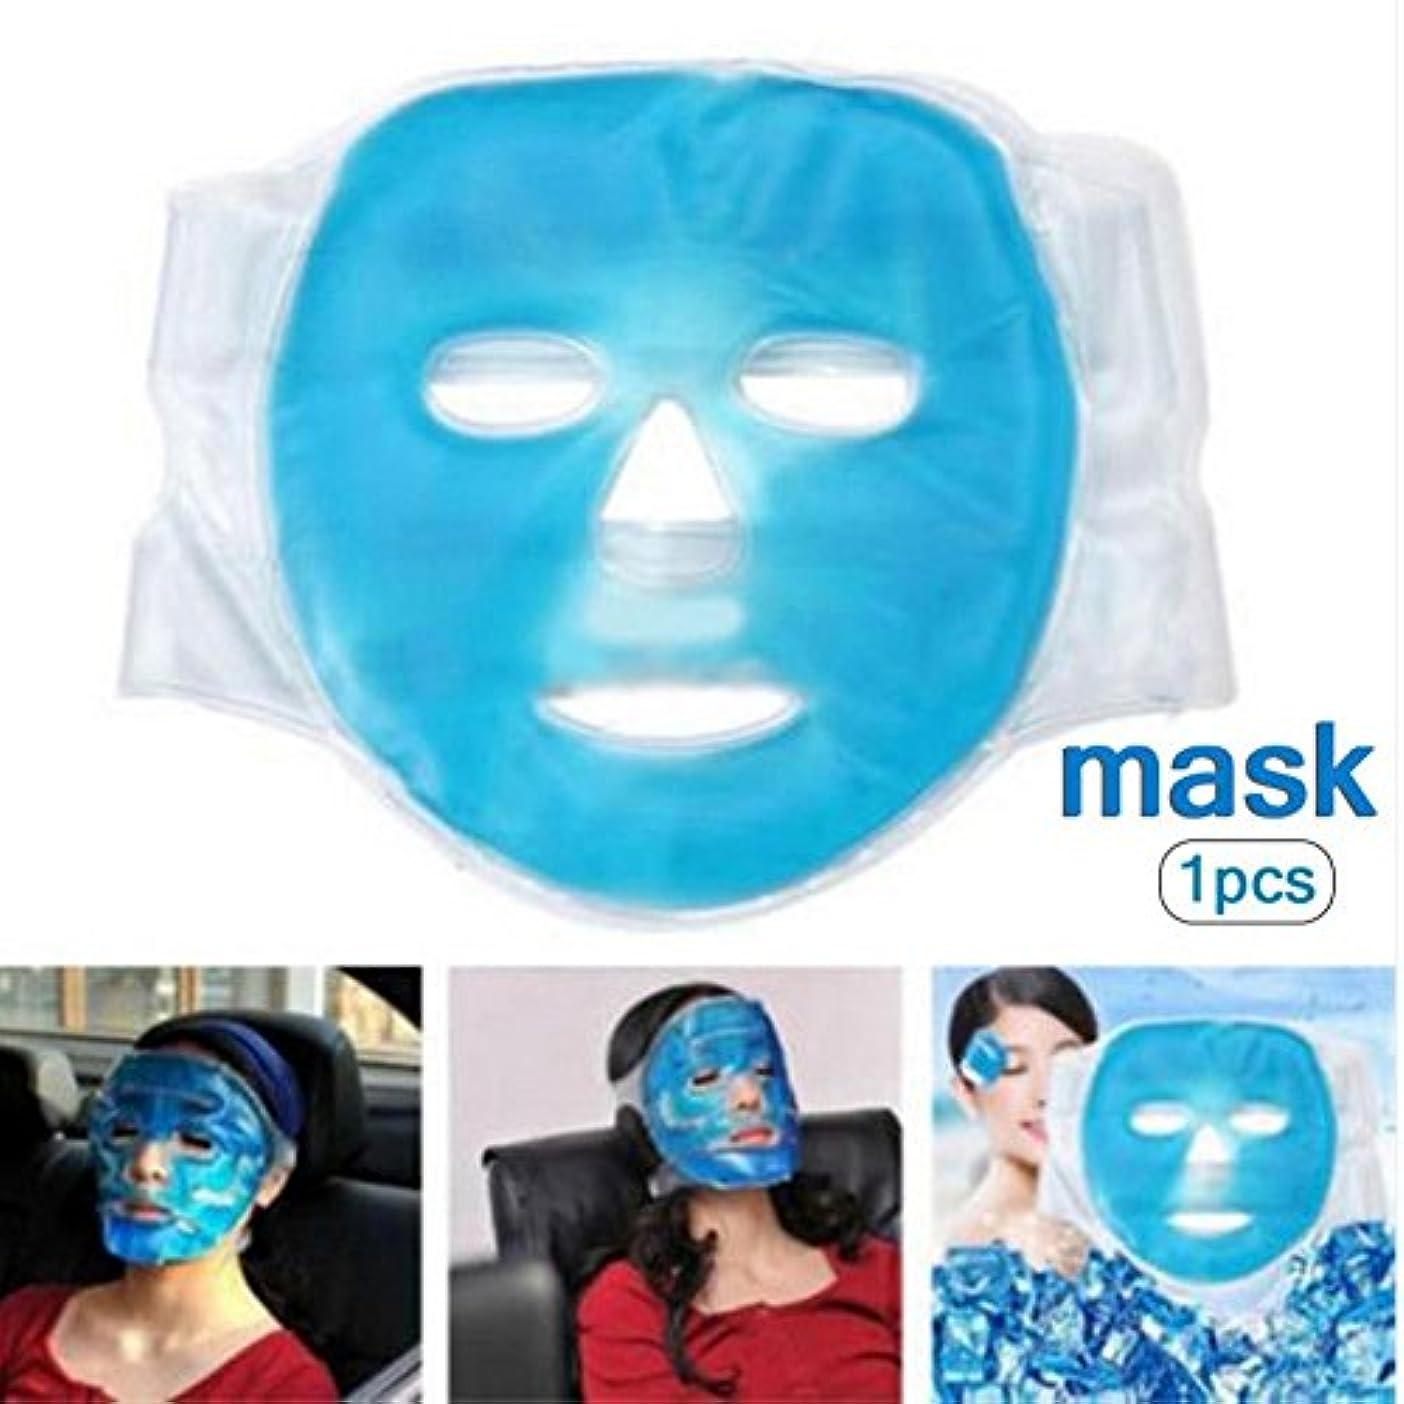 しゃがむ考古学しがみつくフェイスマスク 冷却マスク 美容マスク 冷温兼用 美容用 再利用可能 理学療法 毛細血管収縮 毛穴収縮 睡眠冷却 疲労緩和 肌ケア 保湿 吸収しやすい コールドパックホットパック 美容マッサージ アイスマスク (ブルー)